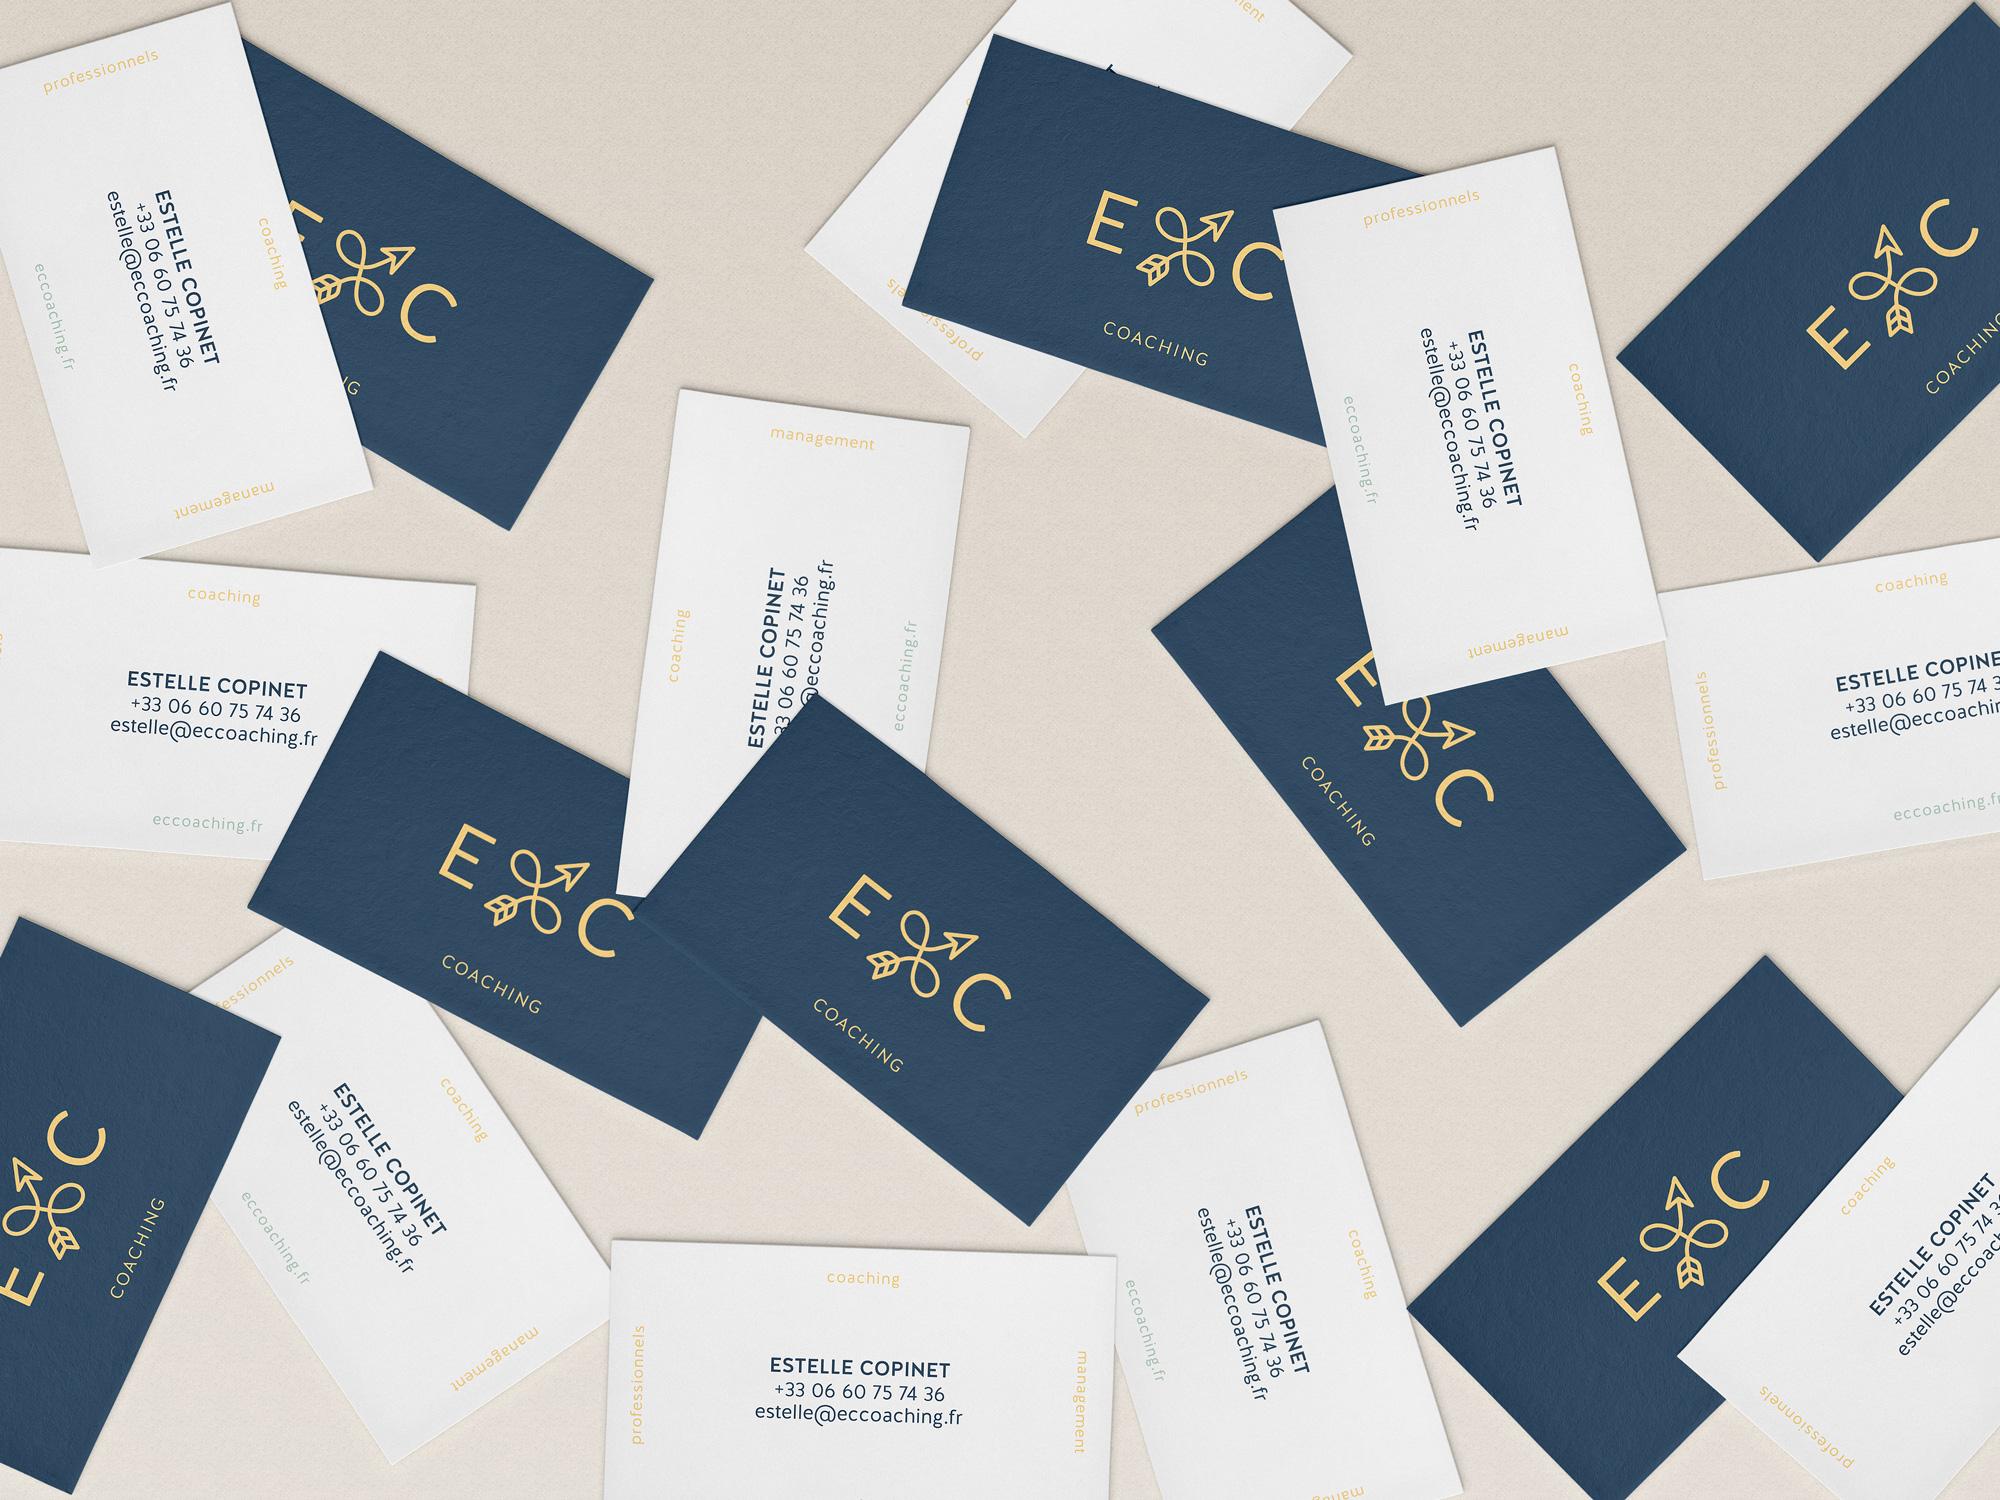 EcCoaching_Card_Final_sm.jpg